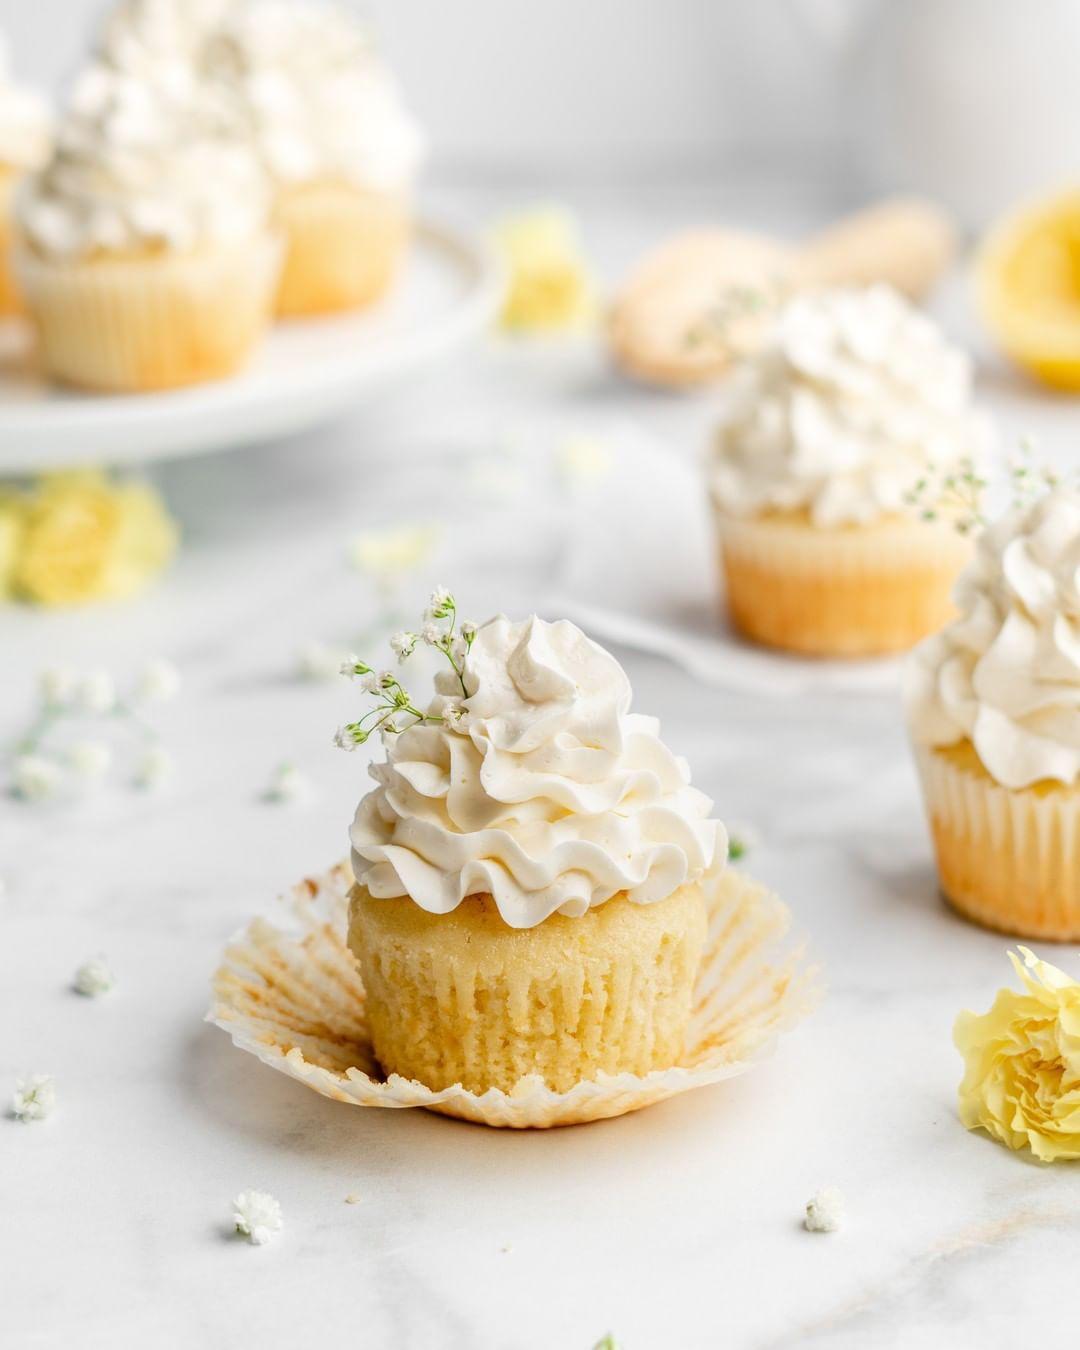 Lemon Cupcakes with Elderflower Buttercream